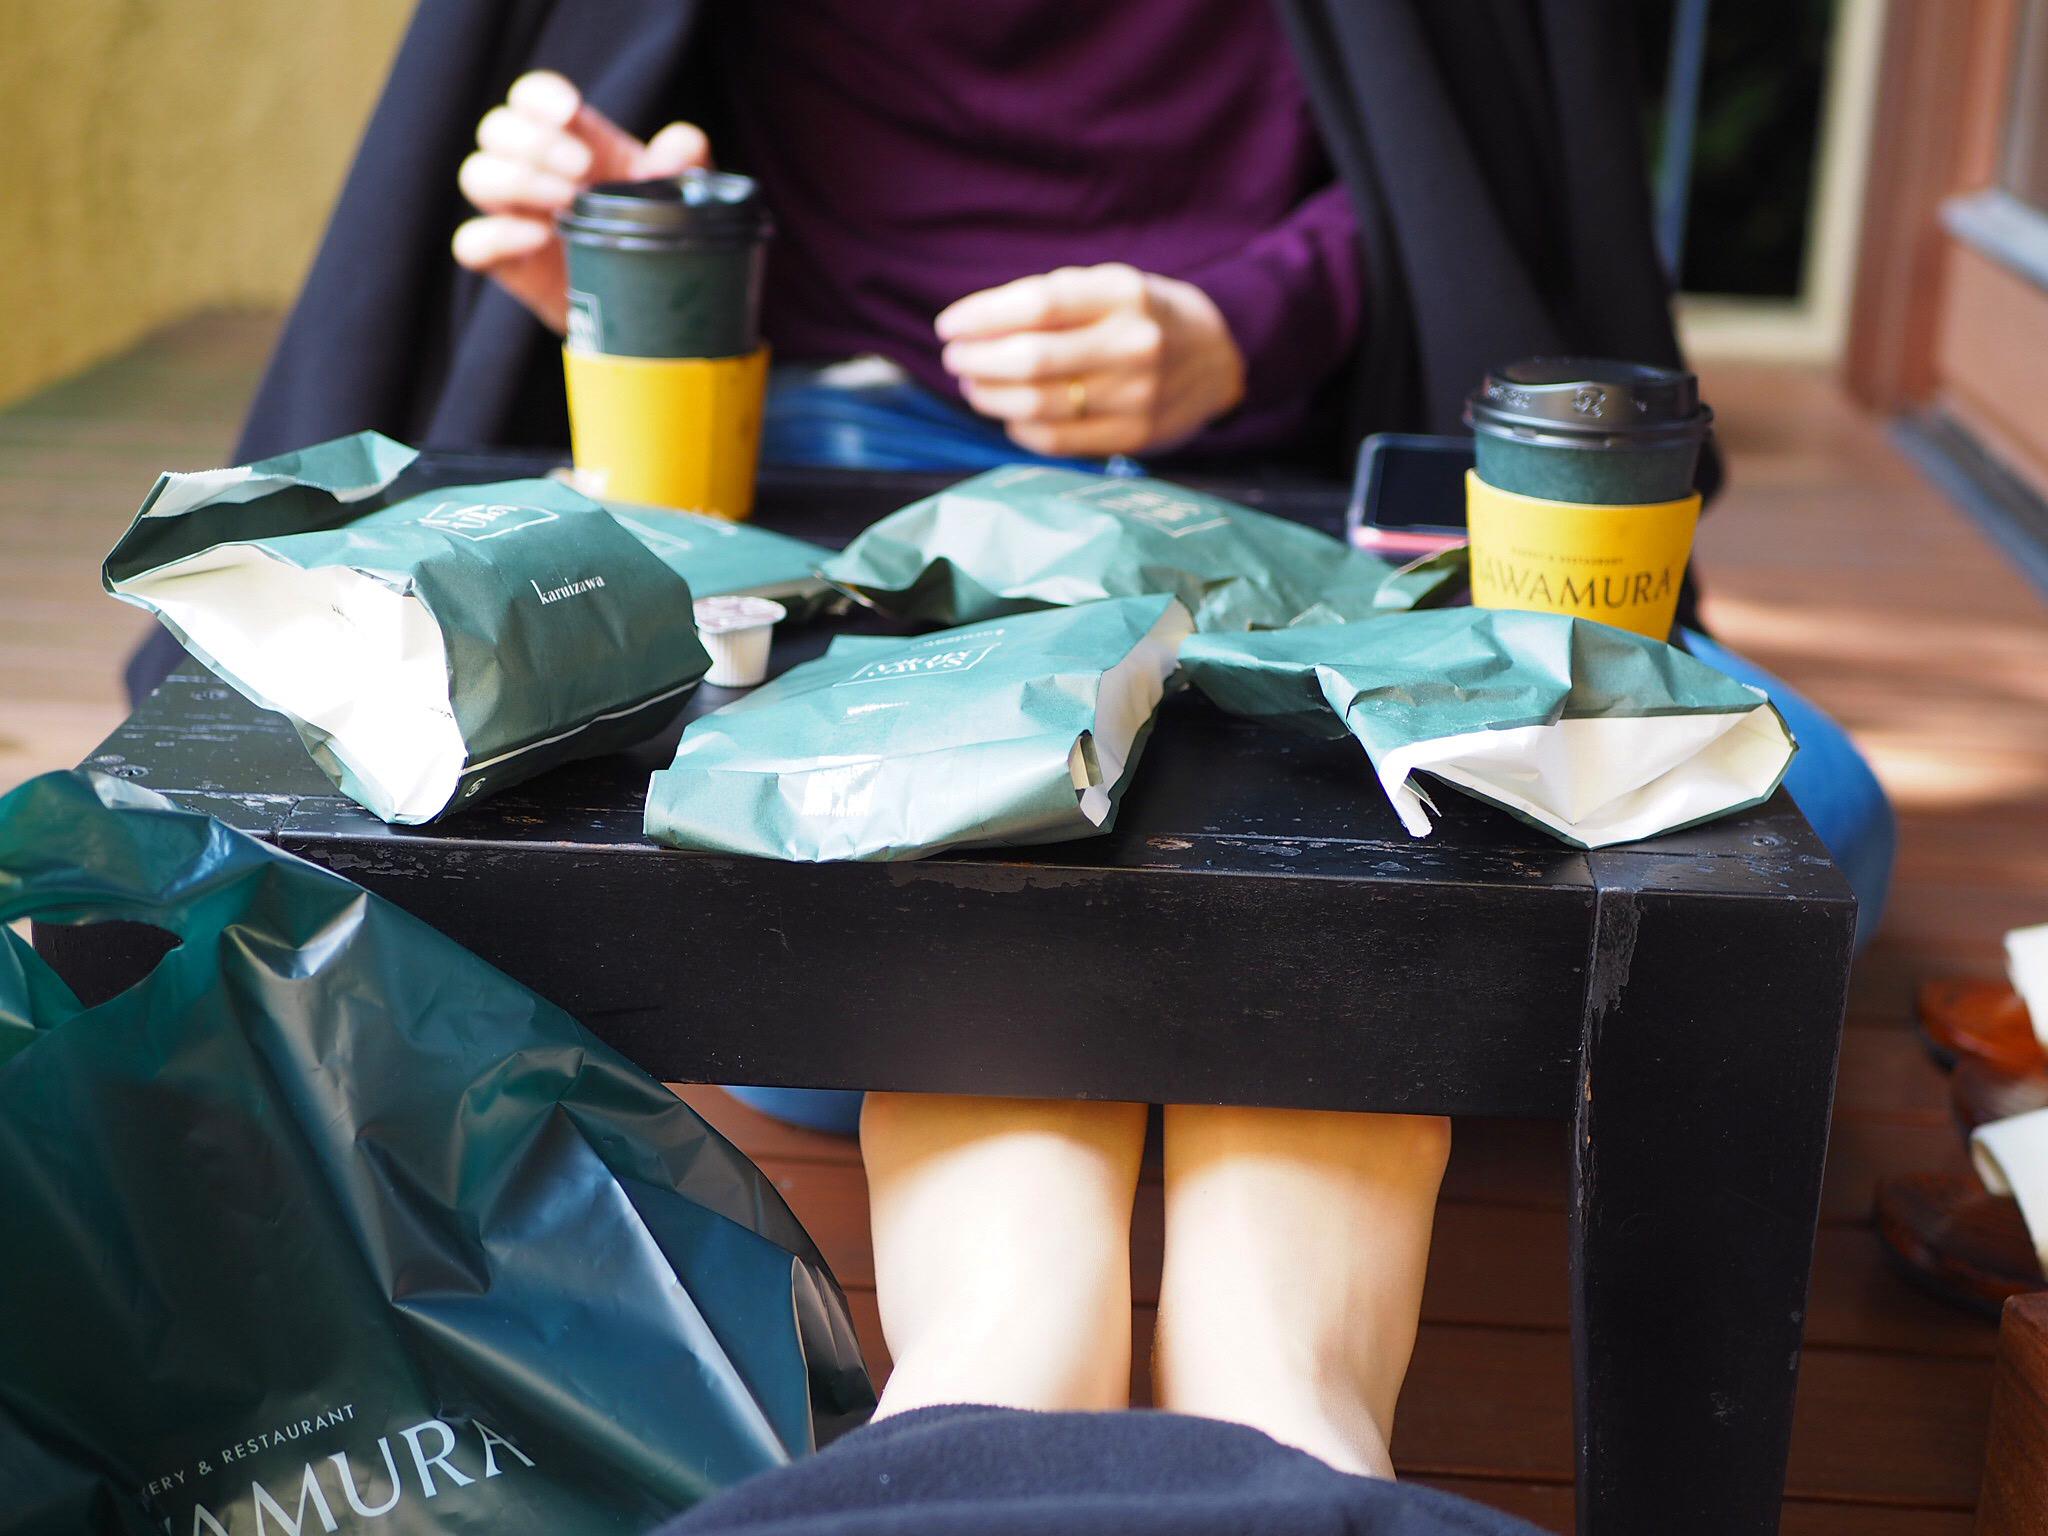 【軽井沢の朝食】は「沢村」のパンと珈琲がおすすめでした❁❁❁_7